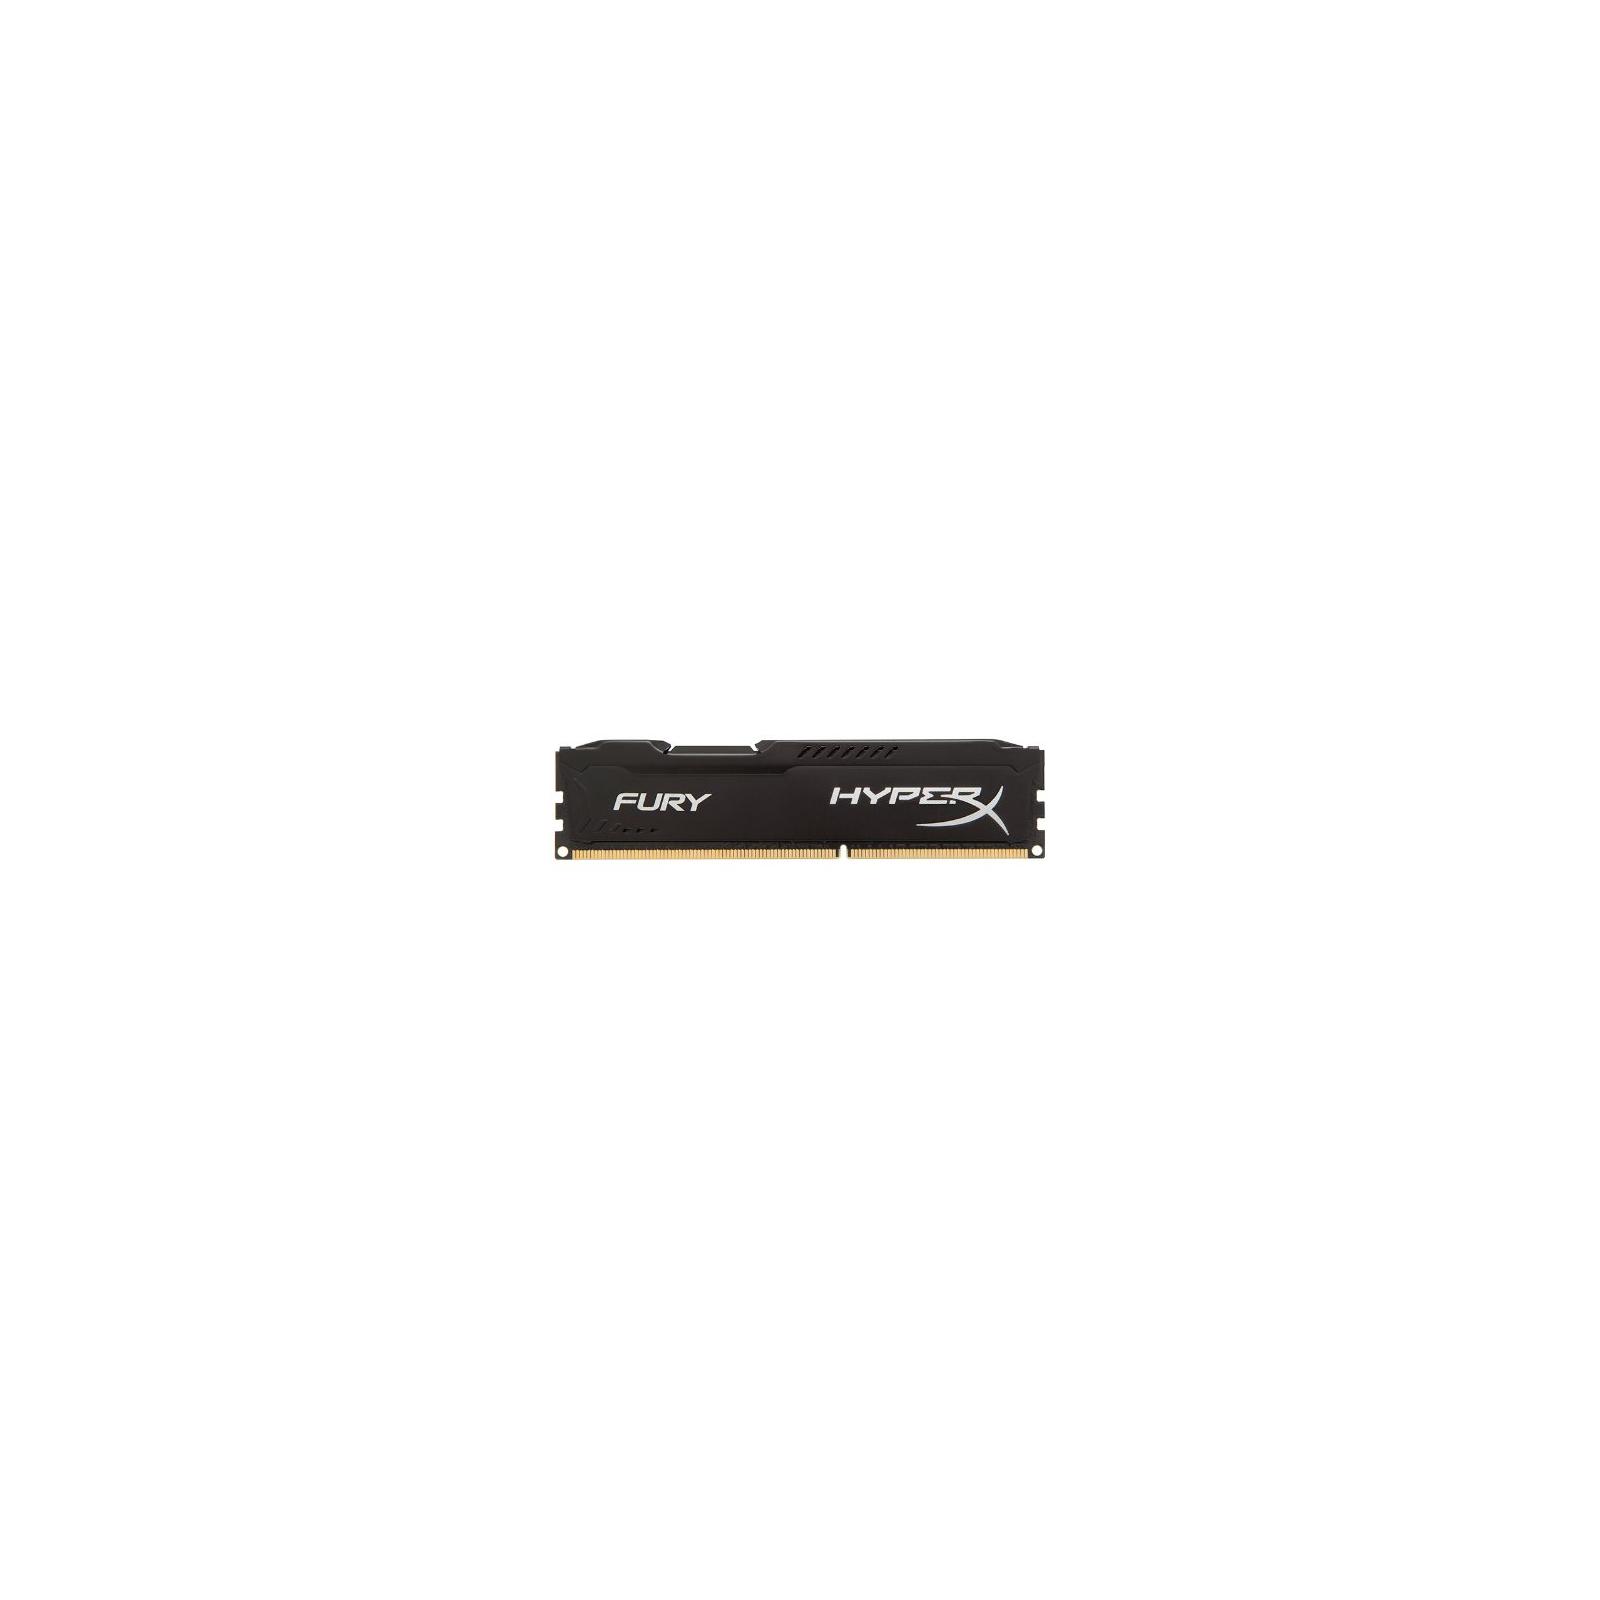 Модуль памяти для компьютера DDR3 8Gb 1866 MHz HyperX Fury Black Kingston (HX318C10FB/8)